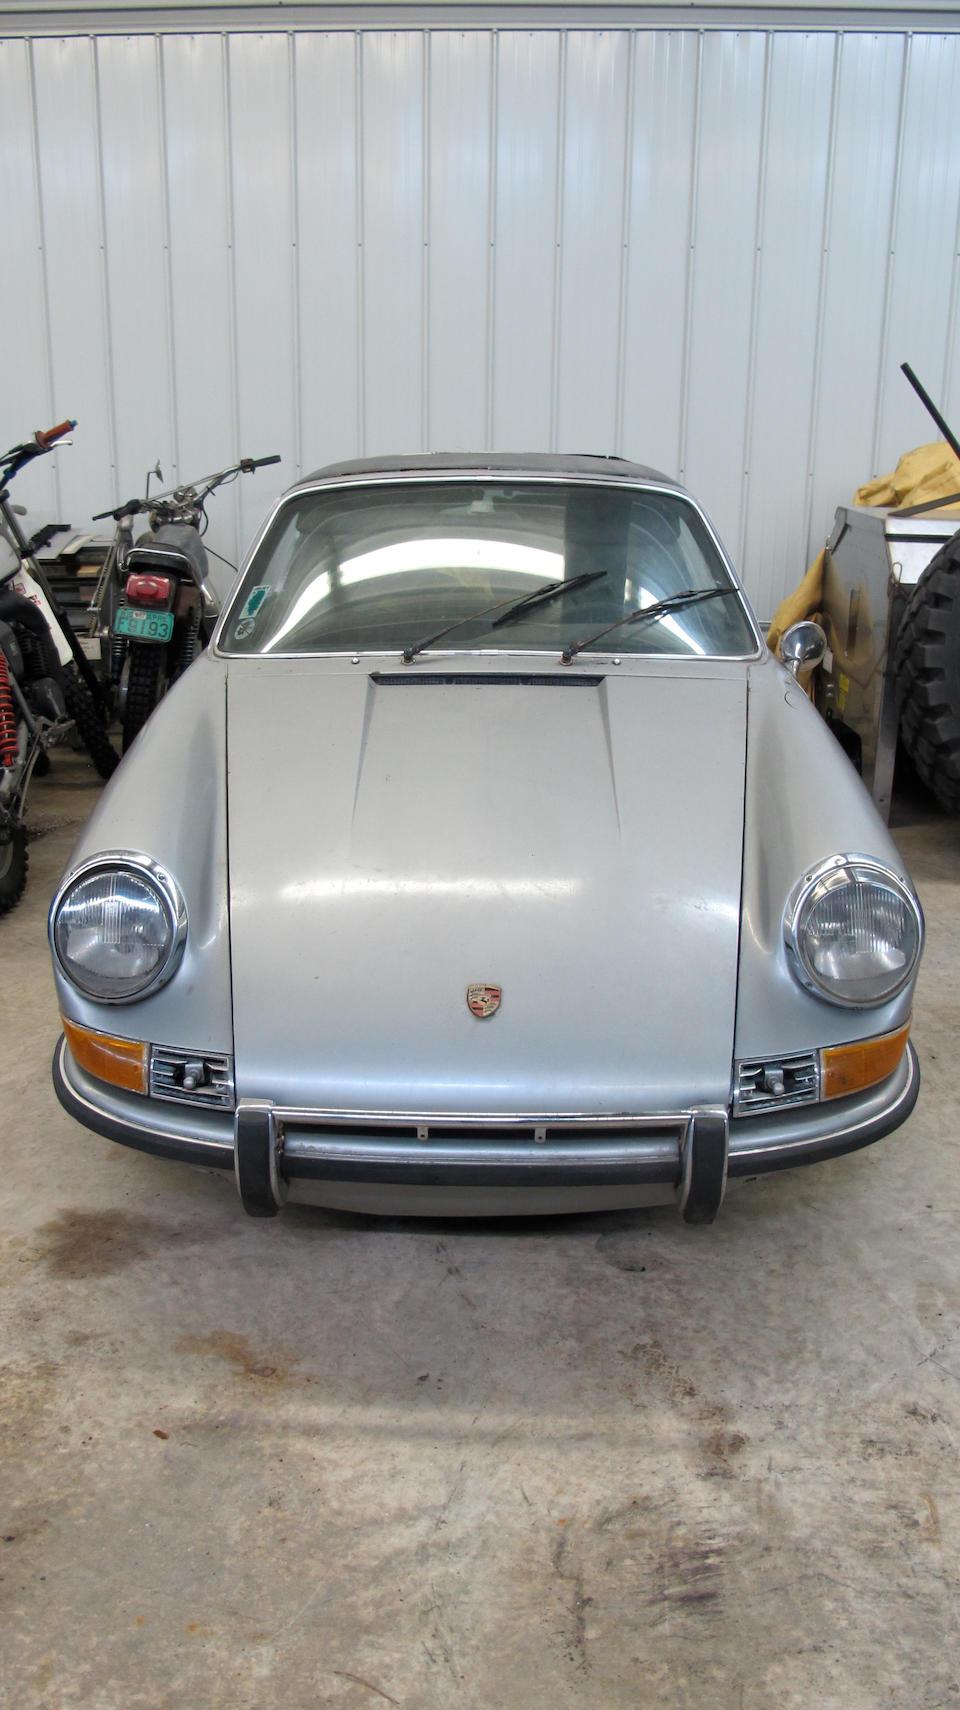 <b>1970 Porsche 911E Targa </b><br />Chassis no. 9110 21 0659 <br />Engine no. 620 1655